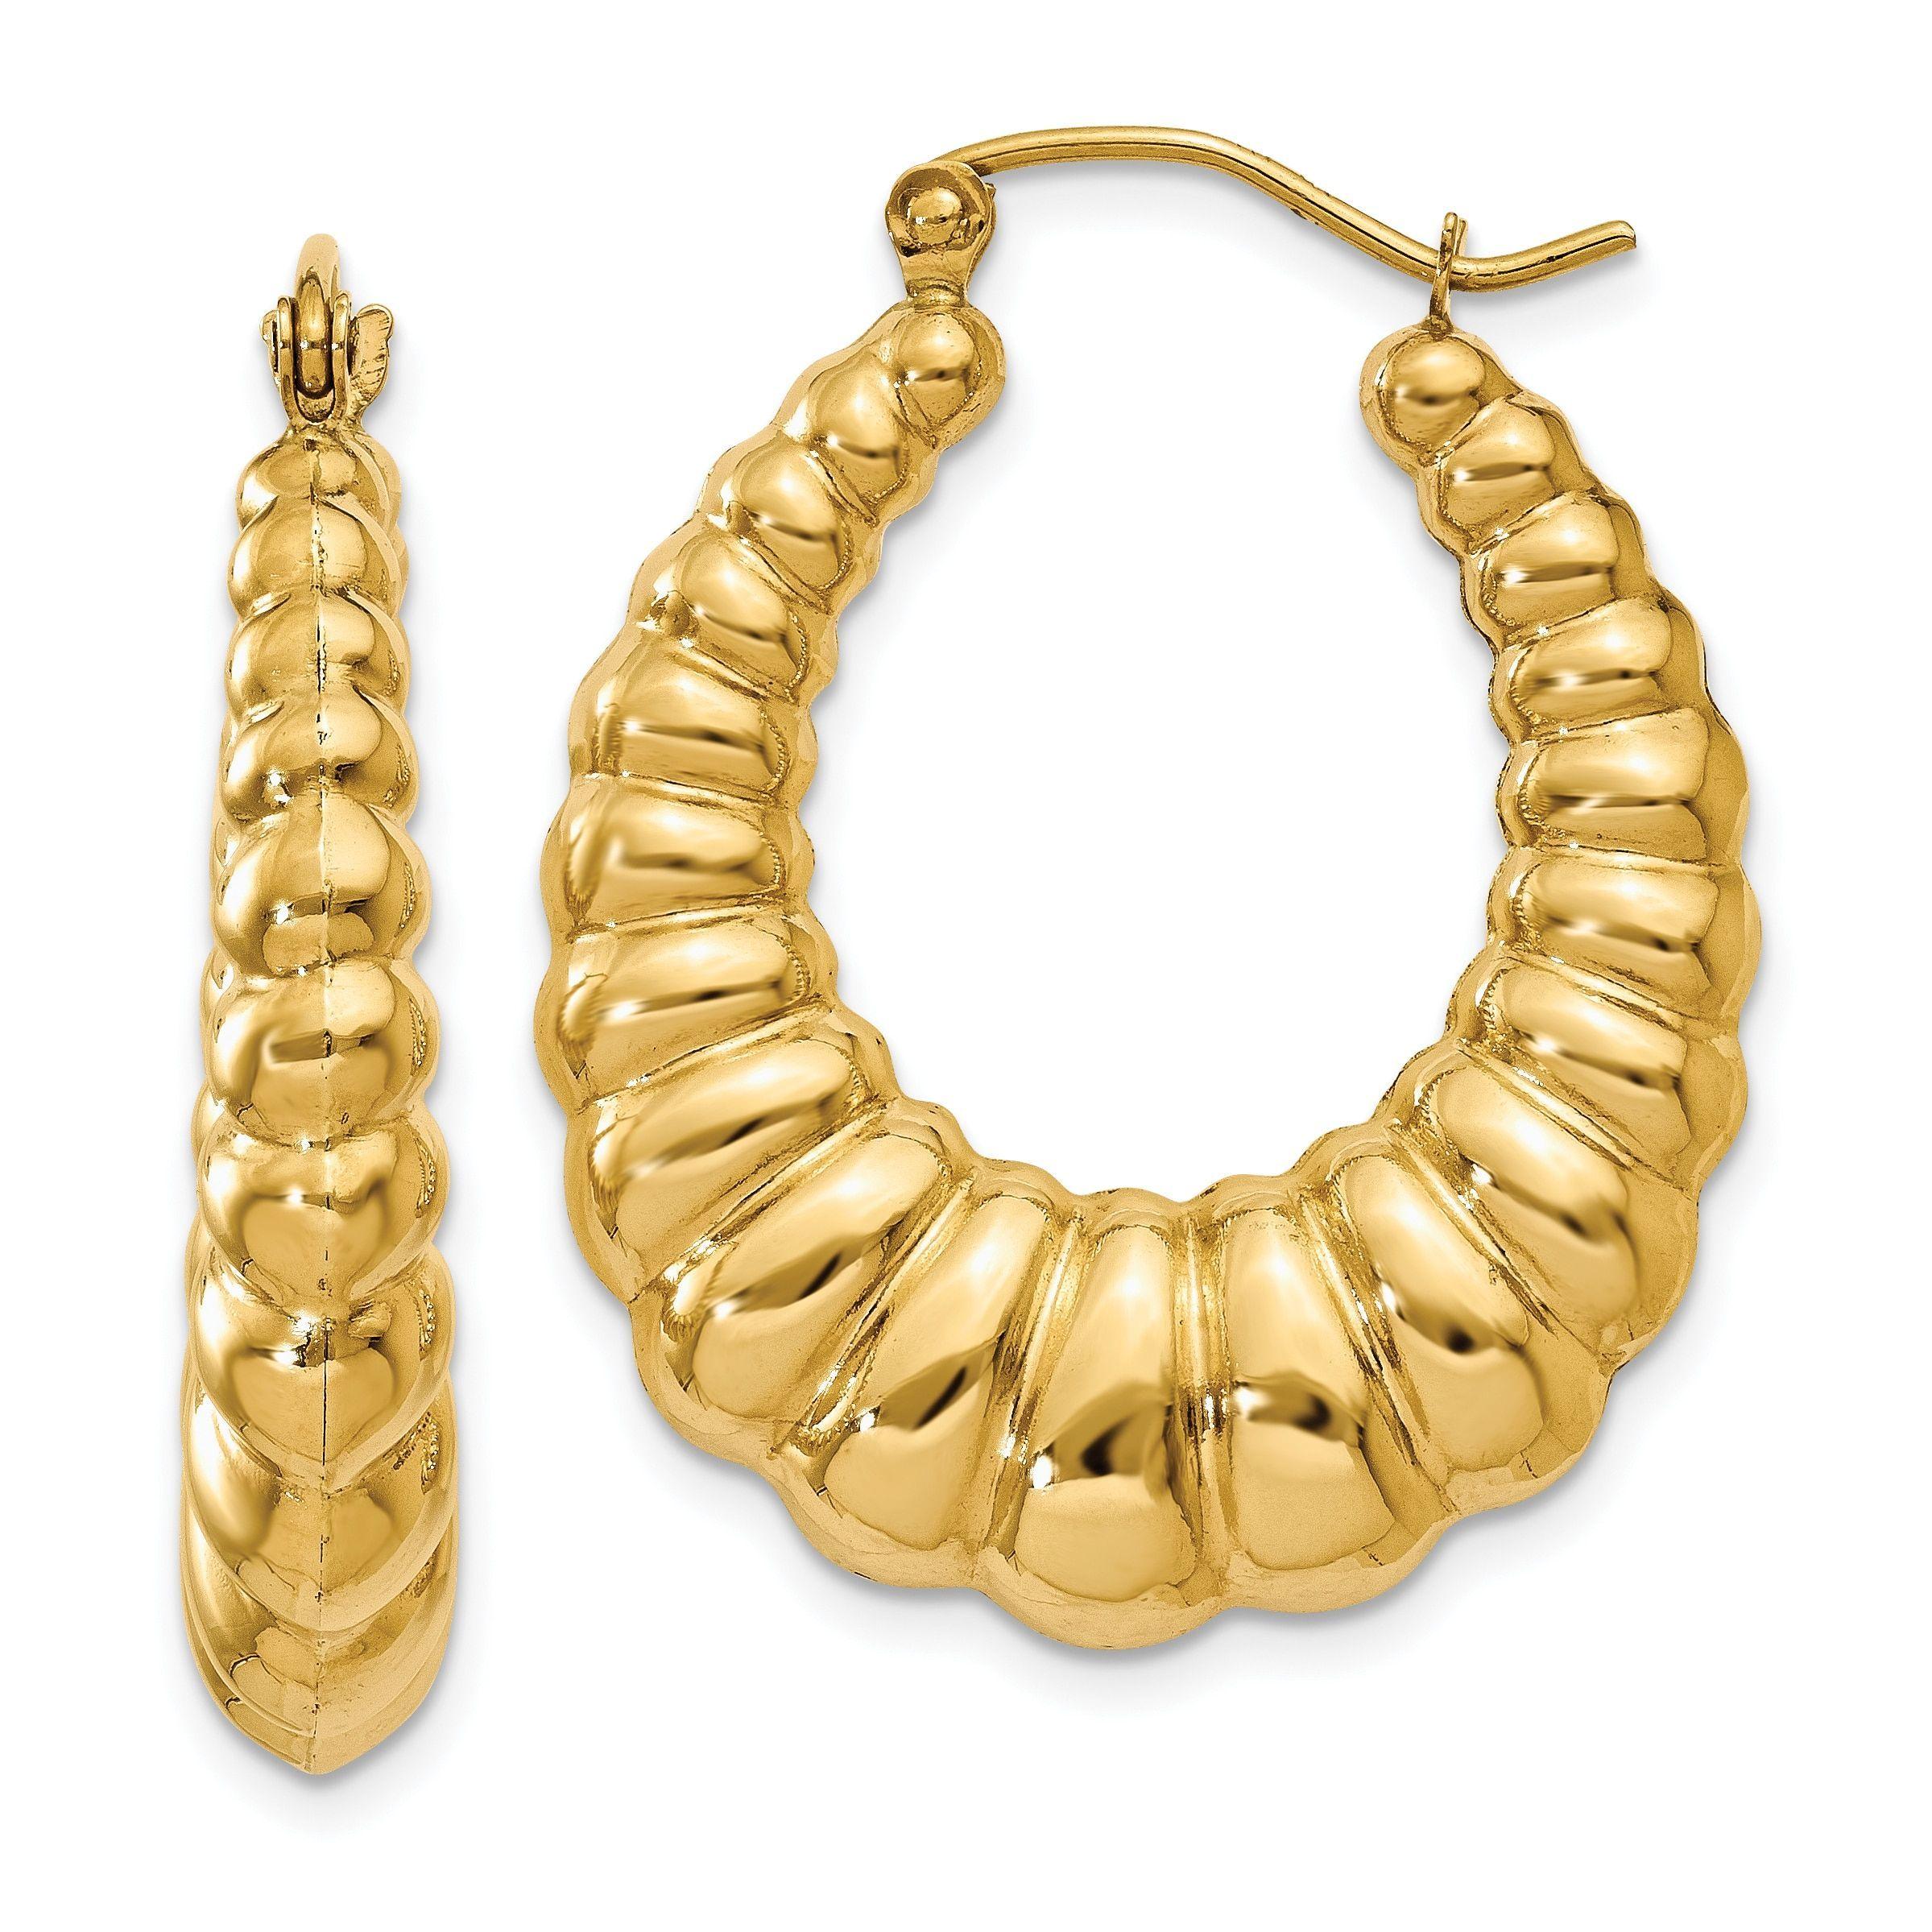 Versil 14k Gold Polished Scalloped Hoop Earrings